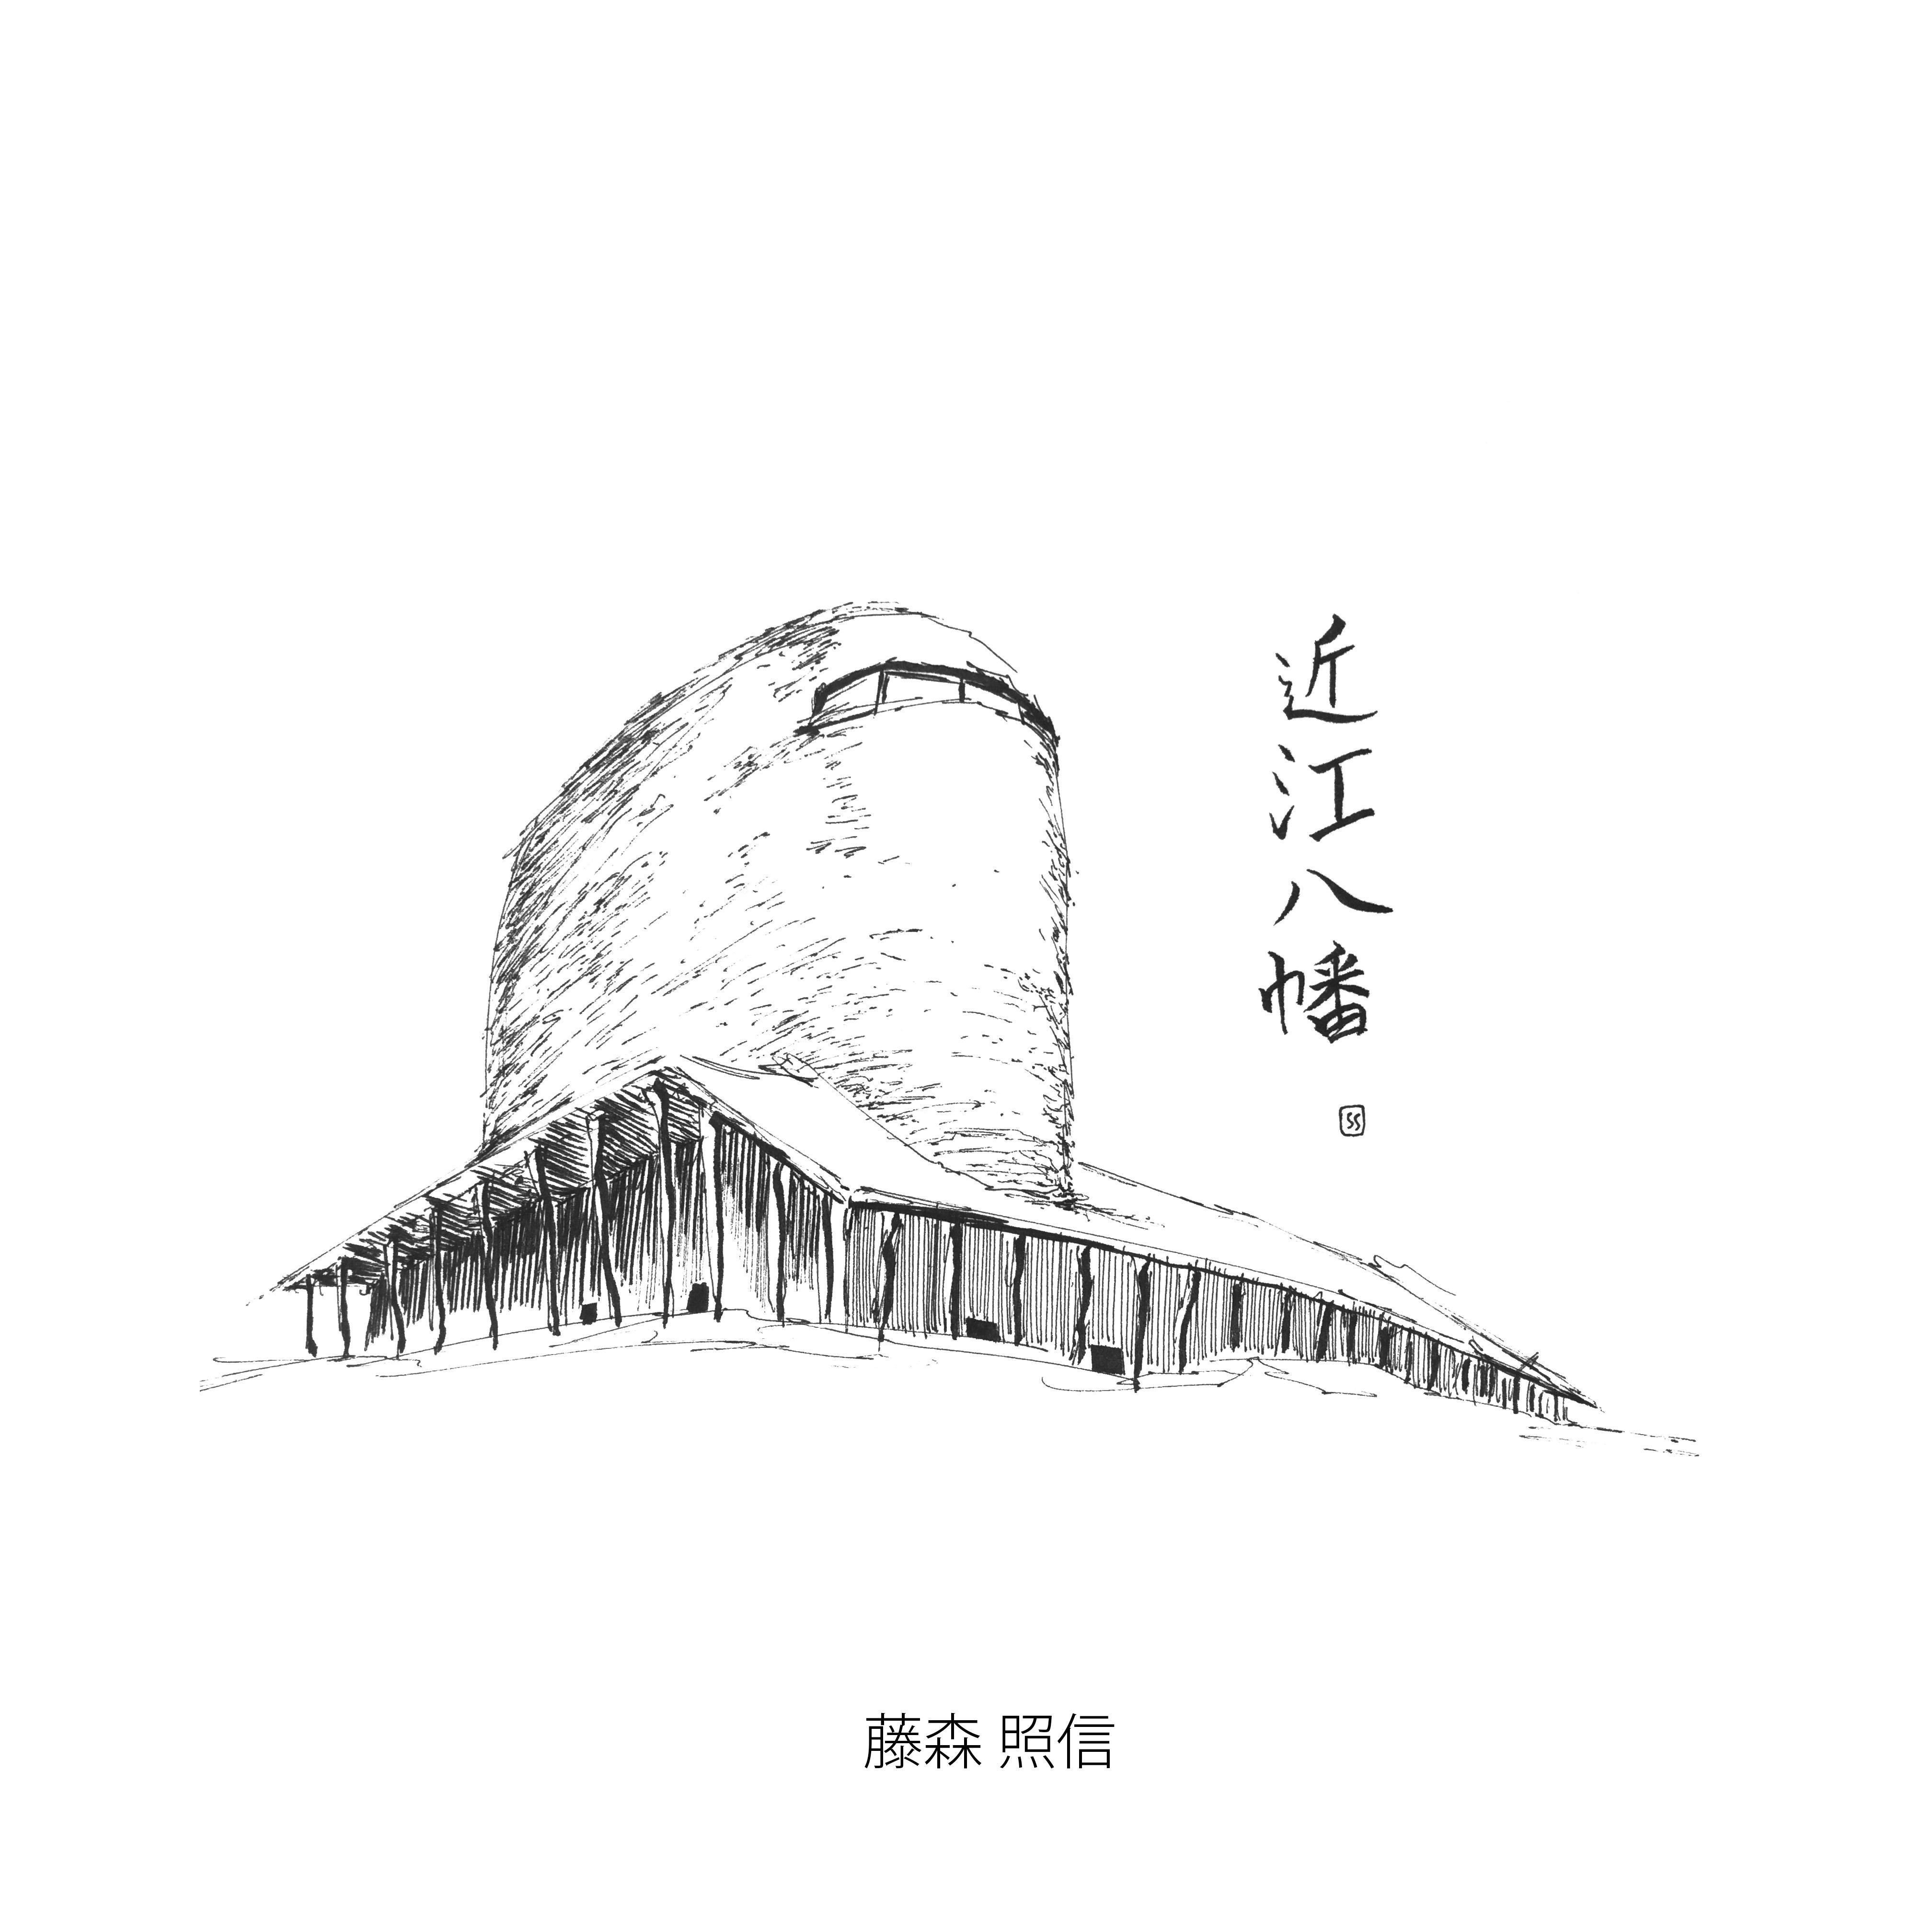 Fujimori Terunobu